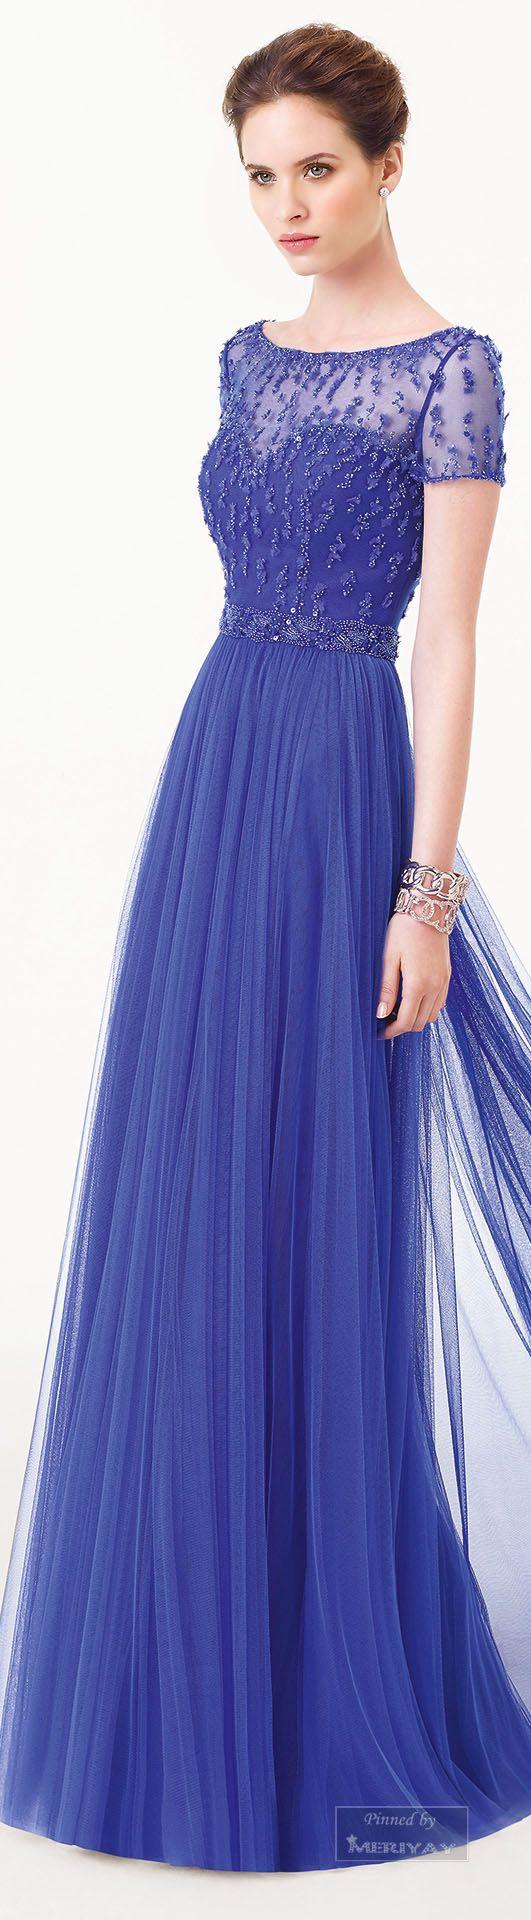 Vestidos | vestidos | Pinterest | Azul rey, Vestiditos y Rey